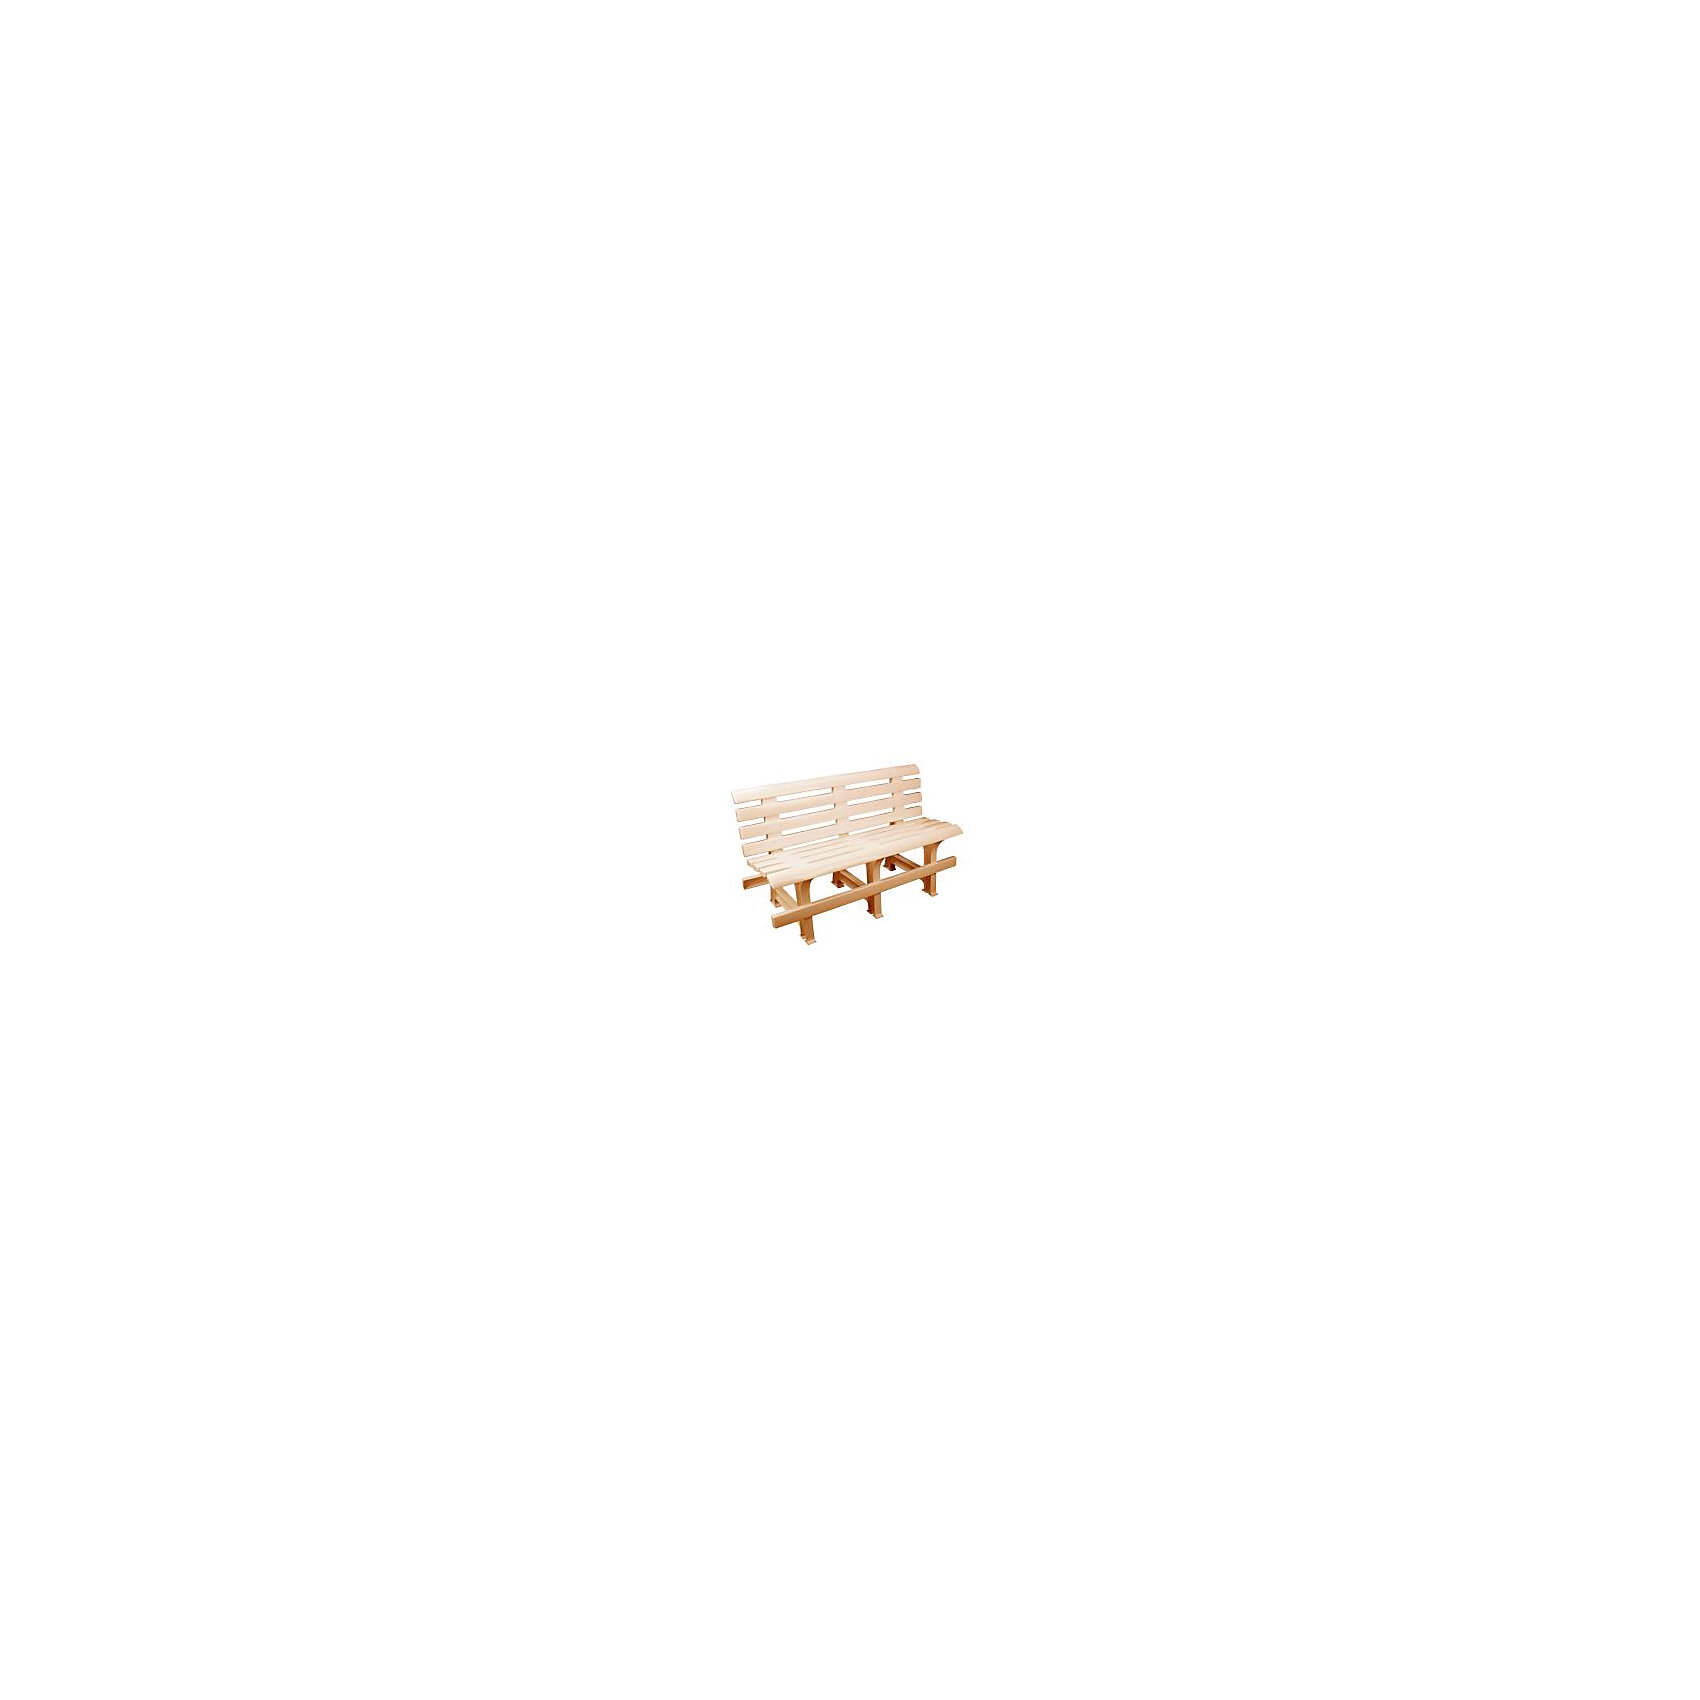 Скамейка со спинкой 120х40х70, Alternativa, бежевыйСкамейка со спинкой 120х40х70, Alternativa (Альтернатива), бежевый<br><br>Характеристики:<br><br>• вместительное сидение<br>• удобная спинка<br>• размер: 120х40х70 см<br>• материал: пластик<br>• цвет: бежевый<br>• вес: 7,598 кг<br><br>Скамейка от российского производителя Альтернатива изготовлена высококачественного пластика с хорошей износостойкостью. Скамейка легко собирается и устойчиво располагается на любой поверхности. Вы сможете с комфортом отдохнуть на природе или в доме.<br><br>Скамейку со спинкой 120х40х70, Alternativa (Альтернатива), бежевый вы можете купить в нашем интернет-магазине.<br><br>Ширина мм: 1200<br>Глубина мм: 400<br>Высота мм: 700<br>Вес г: 7598<br>Возраст от месяцев: 216<br>Возраст до месяцев: 1188<br>Пол: Унисекс<br>Возраст: Детский<br>SKU: 5475658